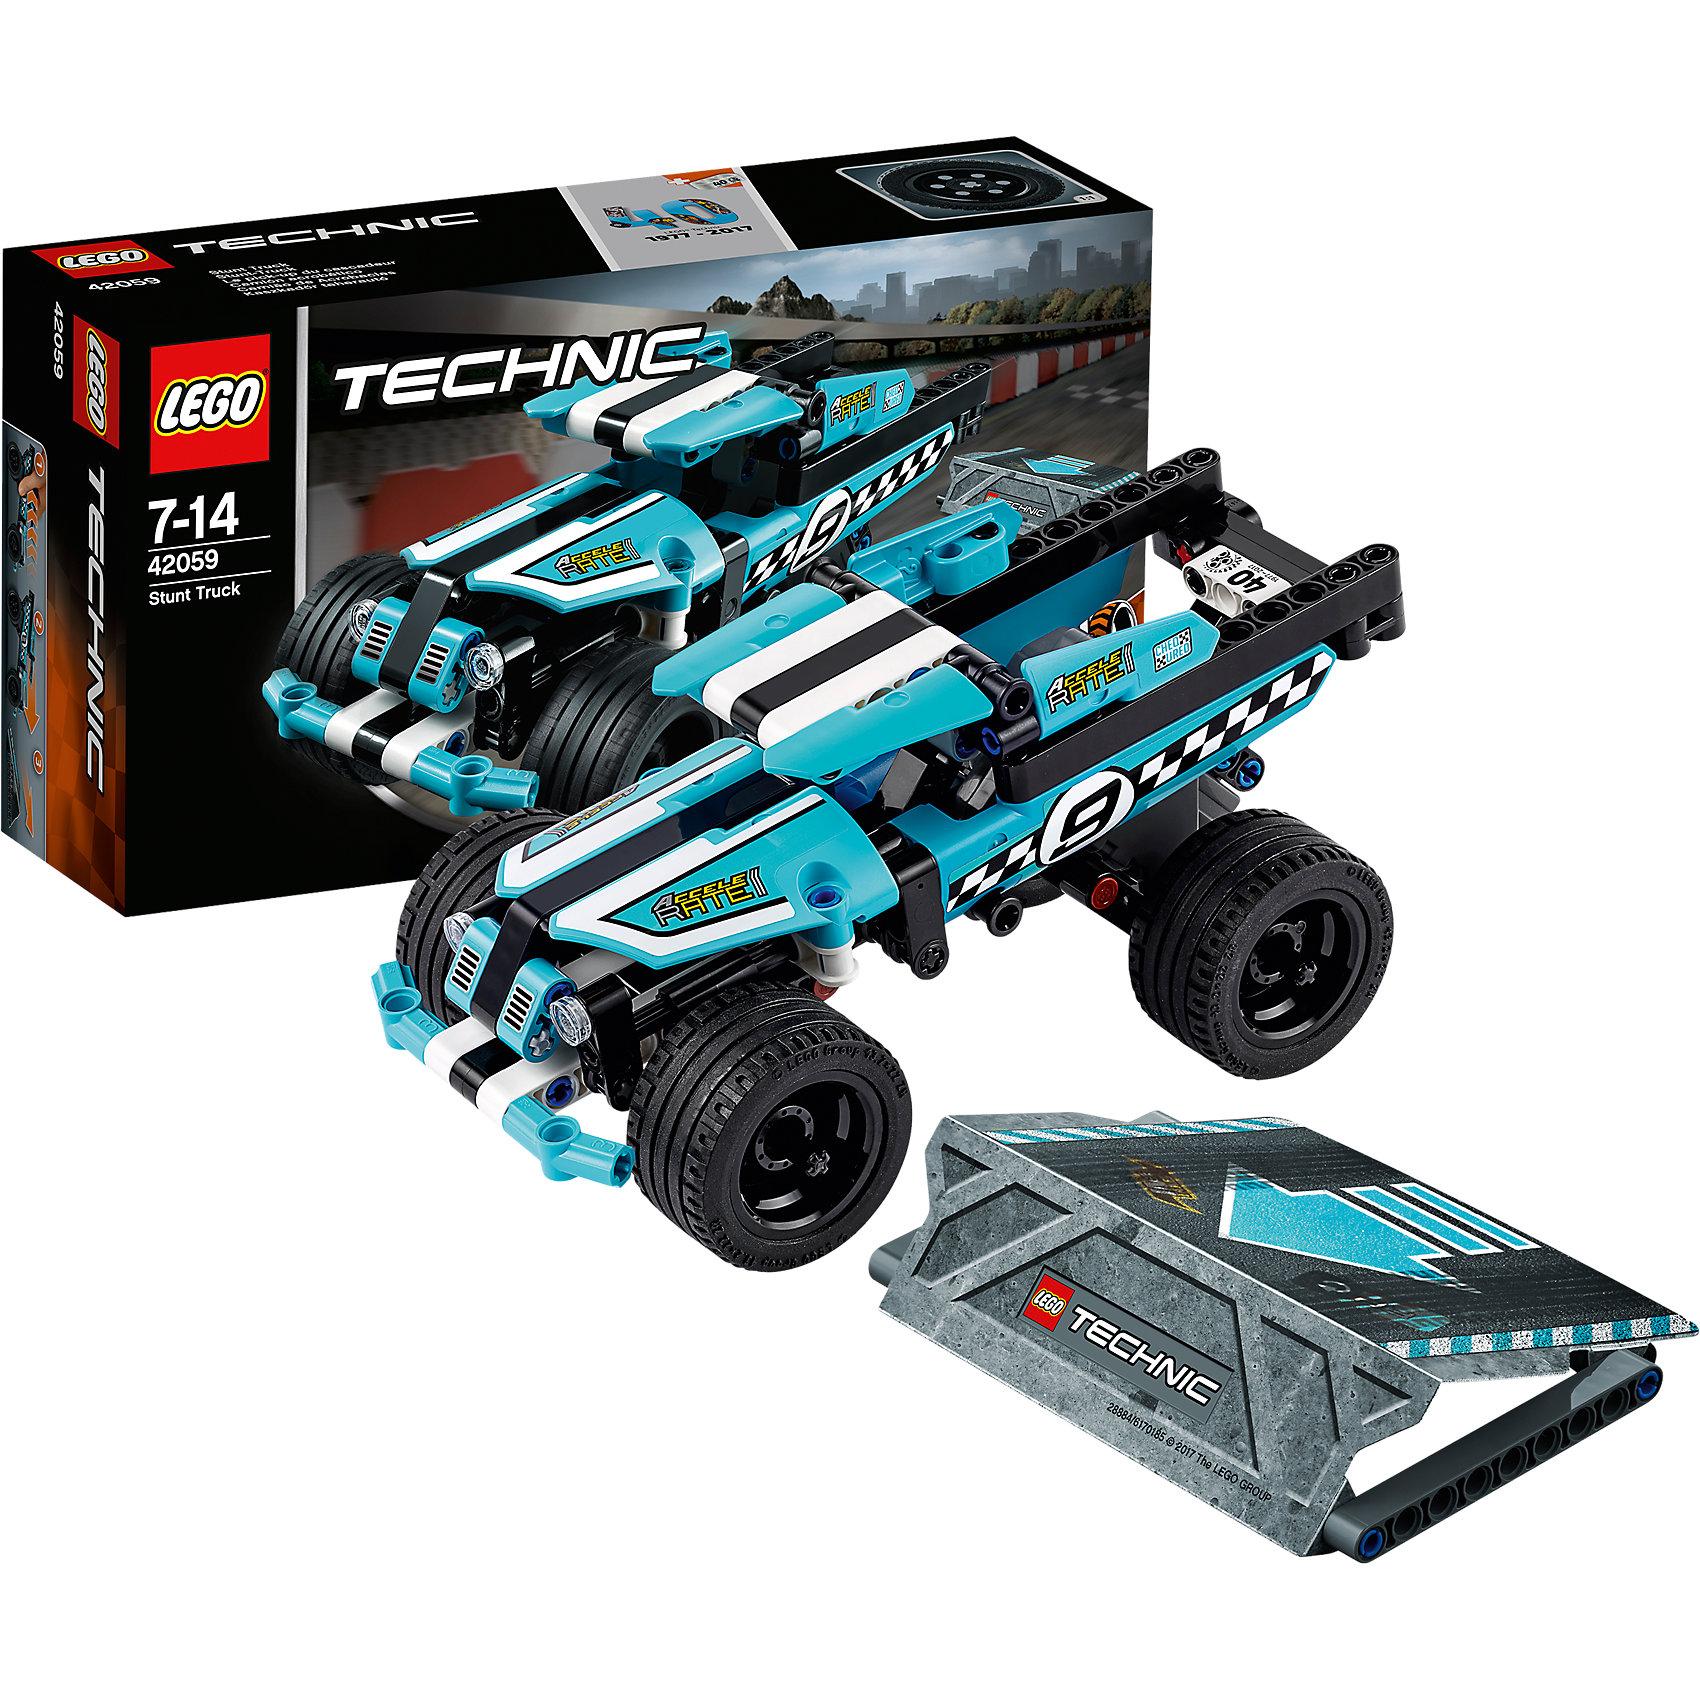 LEGO Technic 42059: Трюковой грузовикПластмассовые конструкторы<br>LEGO Technic 42059: Трюковой грузовик<br><br>Характеристики:<br><br>- в набор входит: детали грузовика и рампы, наклейки, инструкция по сборке<br>- состав: пластик<br>- количество деталей: 142<br>- приблизительное время сборки: 25 мин.<br>- размер грузовика: 18 * 9 * 8 см.<br>- размер рампы: 9 * 12 * 2 см.<br>- для детей в возрасте: от 7 до 14 лет<br>- Страна производитель: Дания/Китай/Чехия<br><br>Легендарный конструктор LEGO (ЛЕГО) представляет серию «Technic», которая бросает вызов уже опытным строителям ЛЕГО. Ваш ребенок может строить продвинутые модели с реальными функциями, такими как коробки передач и системы рулевого управления. В набор включена уникальная деталь, посвященная сорокалетию серии. <br><br>Наслаждайтесь строительством нового трюкового грузовика с заводным механизмом, позволяющим ему разгоняться за счет завода и спрыгивать с рампы из набора. Высокая подвеска больших колес грузовика впечатляет, а меленькие декоративные детали делают сам грузовик еще более реалистичным. Сборная рампа оснащена небольшими прорезиненными детали, благодаря чему она не сдвигается при исполнении трюков. Набор комбинируется с LEGO Technic 42058: Мотоцикл для трюков. <br><br>Играя с конструктором ребенок развивает моторику рук, воображение и логическое мышление, научится собирать по инструкции и создавать свои модели. Принимайте новые вызовы по сборке моделей и придумывайте новые истории с набором LEGO «Technic»!<br><br>Конструктор LEGO Technic 42059: Трюковой грузовик можно купить в нашем интернет-магазине.<br><br>Ширина мм: 265<br>Глубина мм: 142<br>Высота мм: 73<br>Вес г: 314<br>Возраст от месяцев: 84<br>Возраст до месяцев: 168<br>Пол: Мужской<br>Возраст: Детский<br>SKU: 5002415